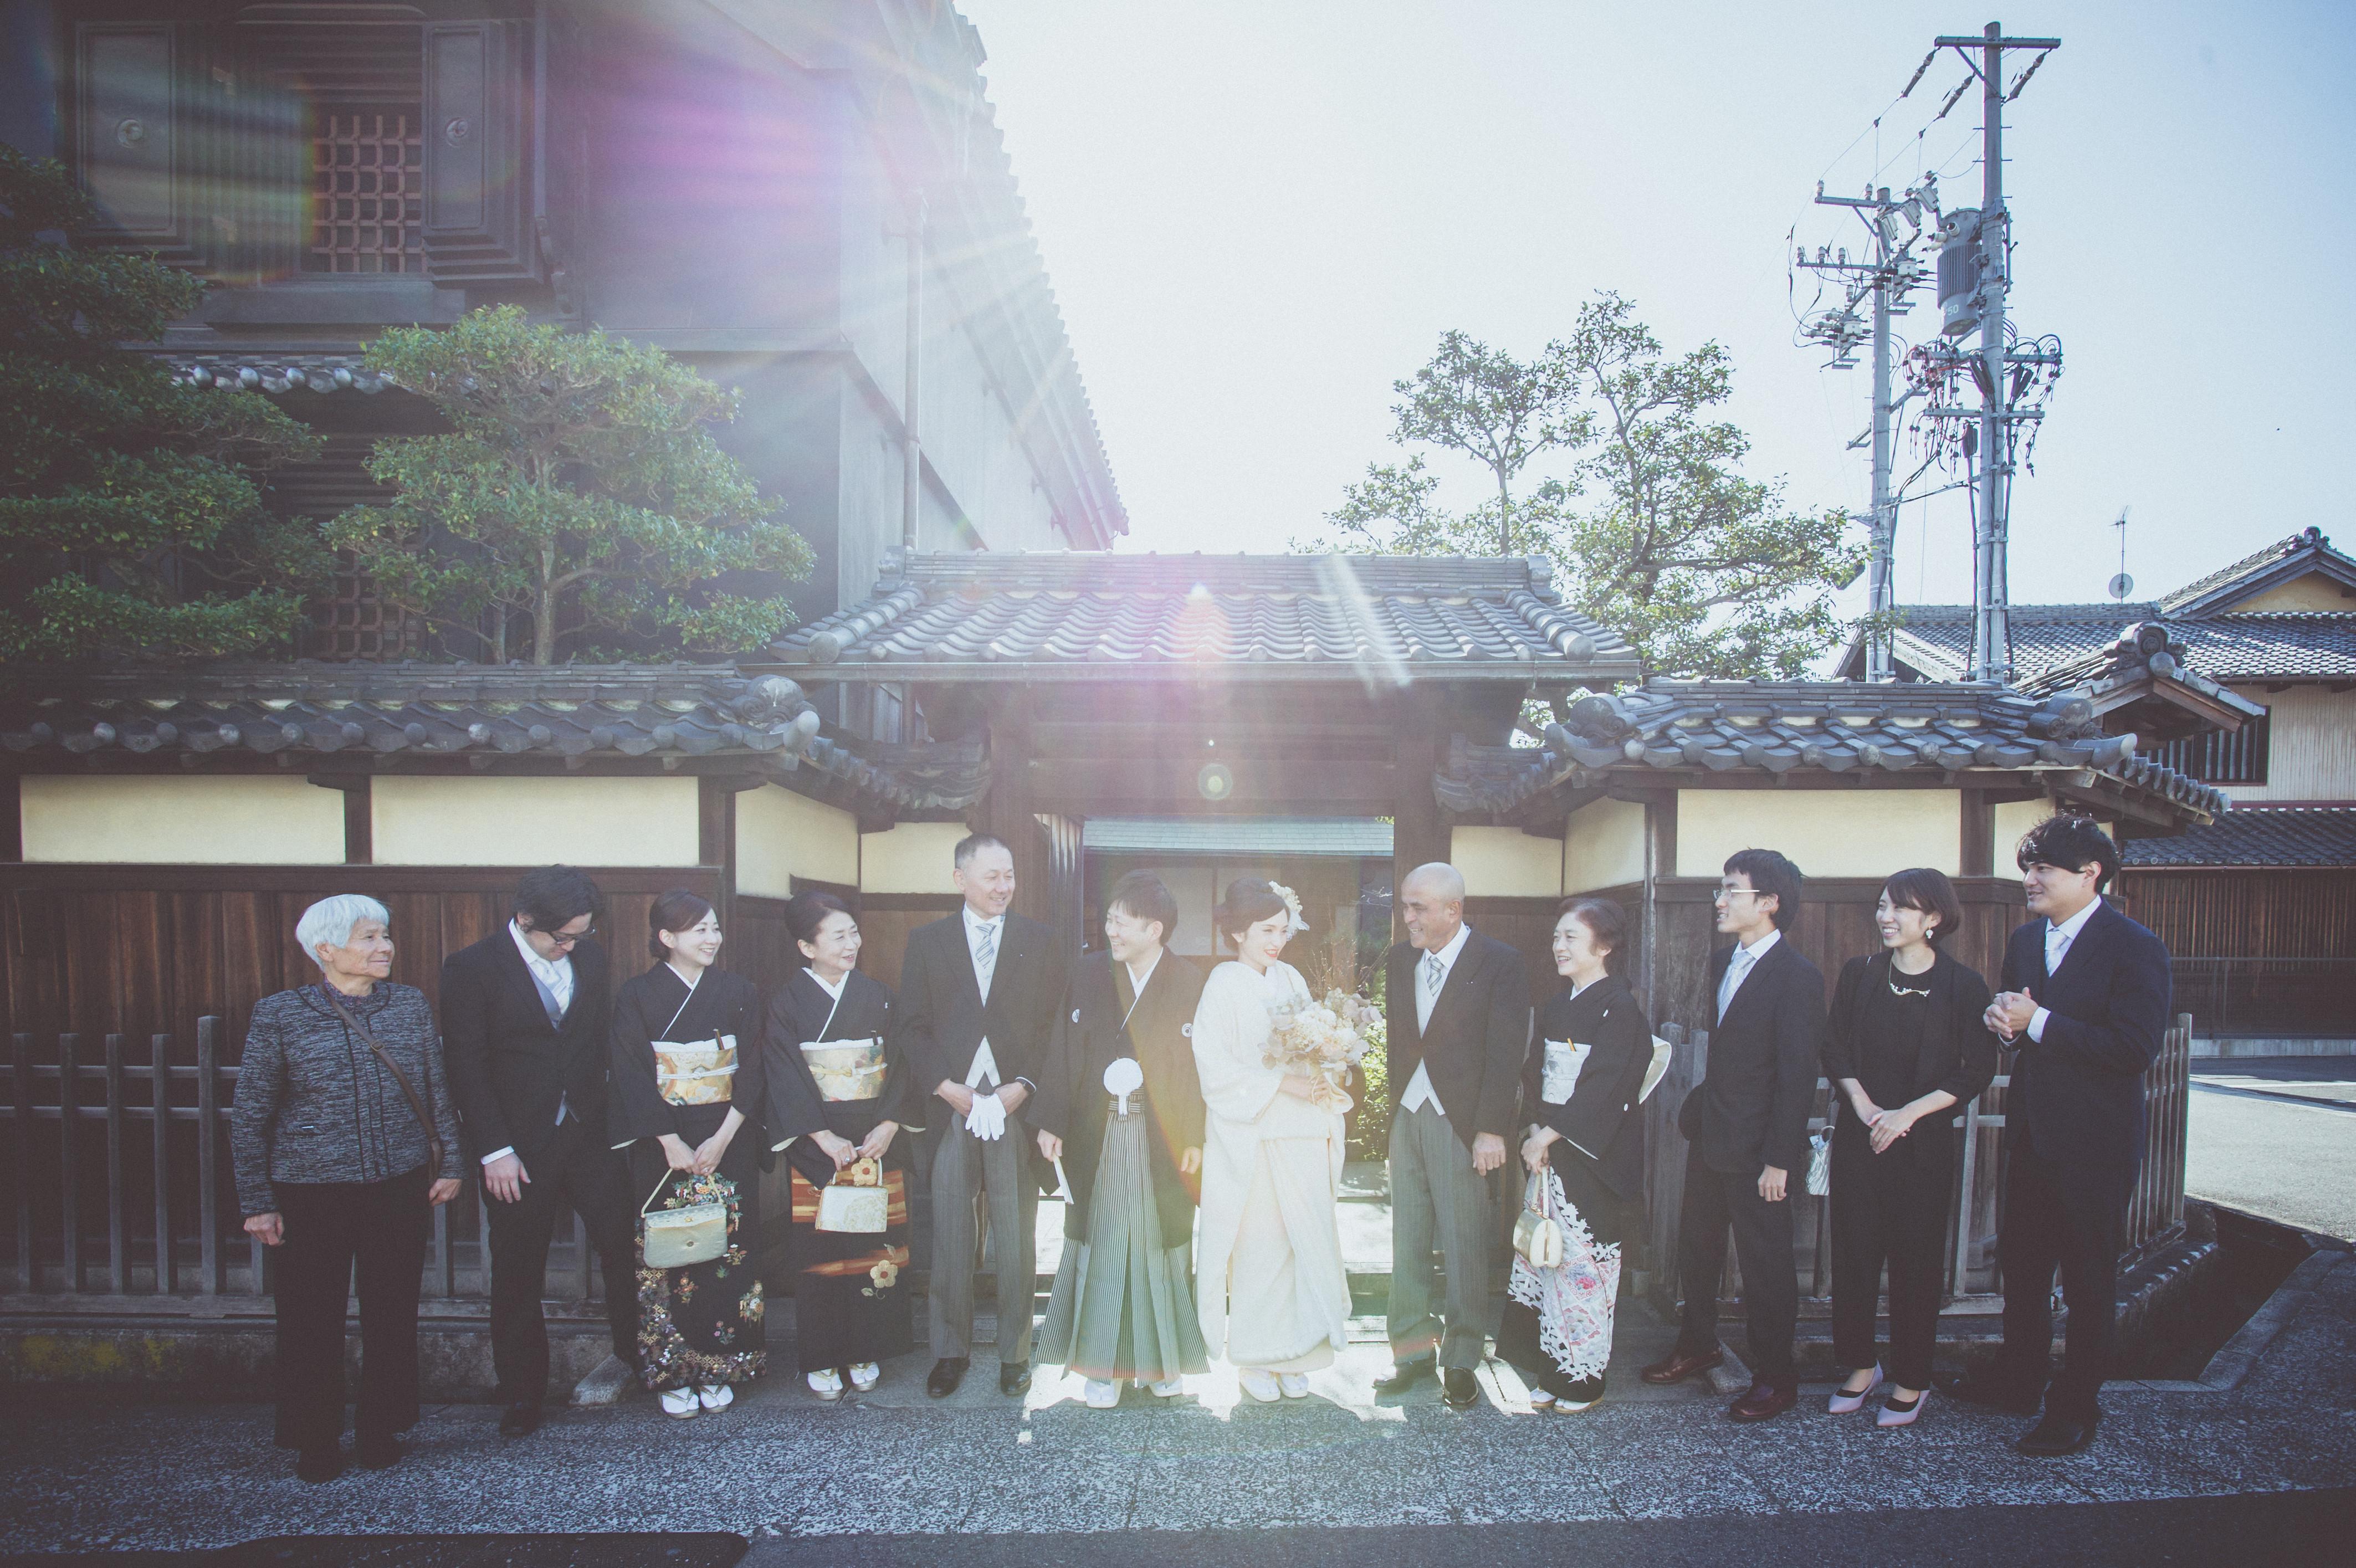 【幸福日和】少人数結婚式相談会